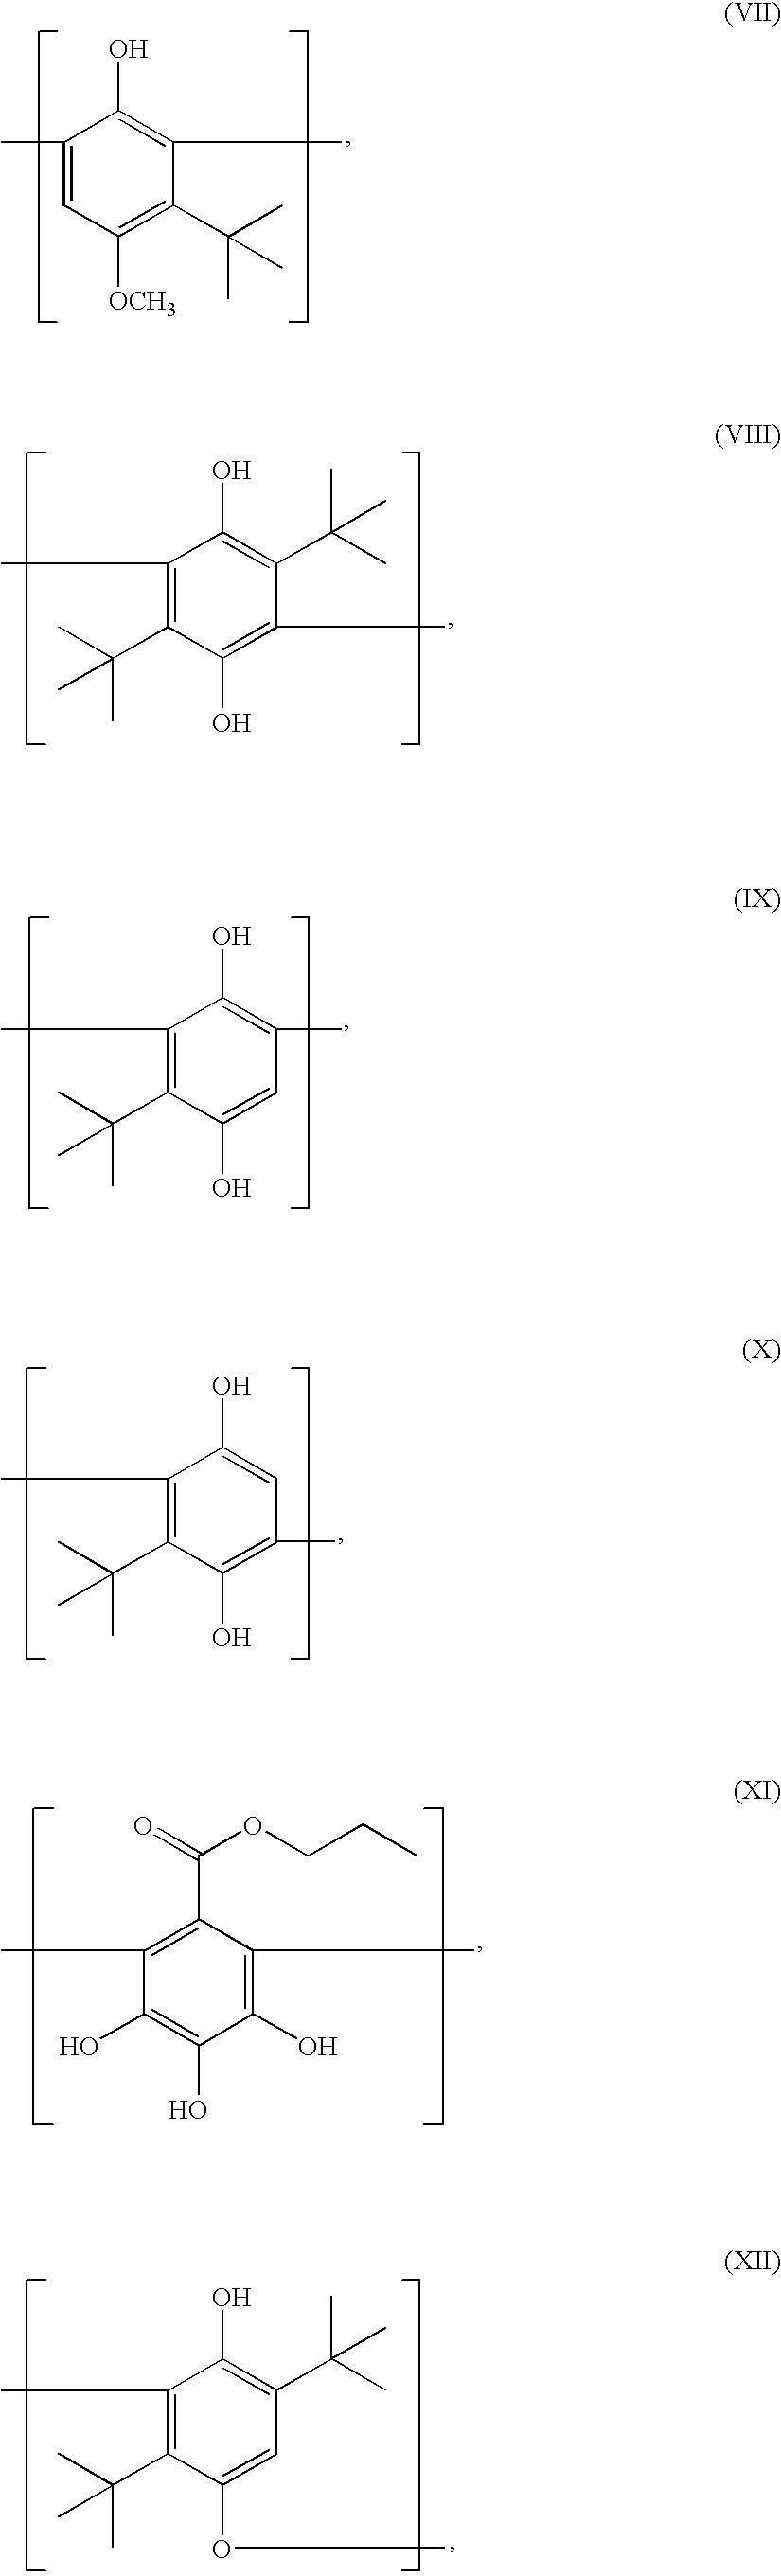 Figure US07754267-20100713-C00020